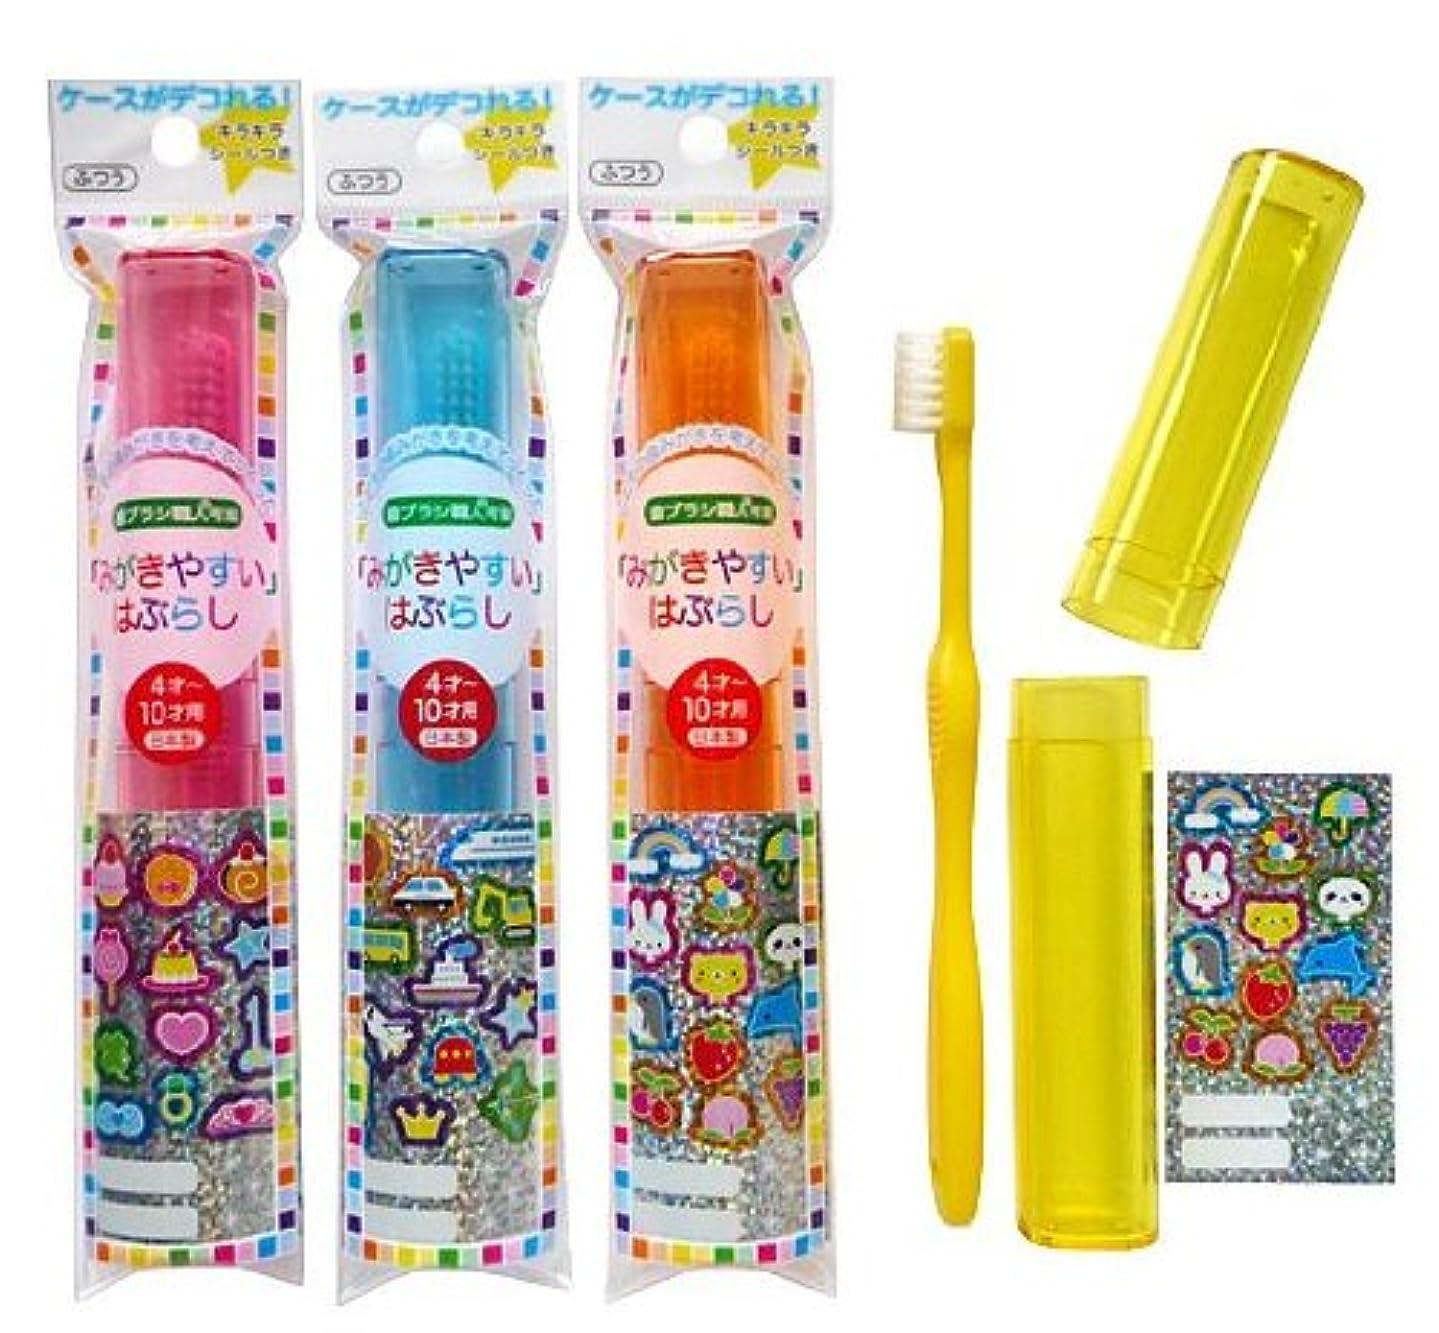 プラス膨らませる短命ライフレンジ 磨きやすい歯ブラシ こども用ケース付き 12本